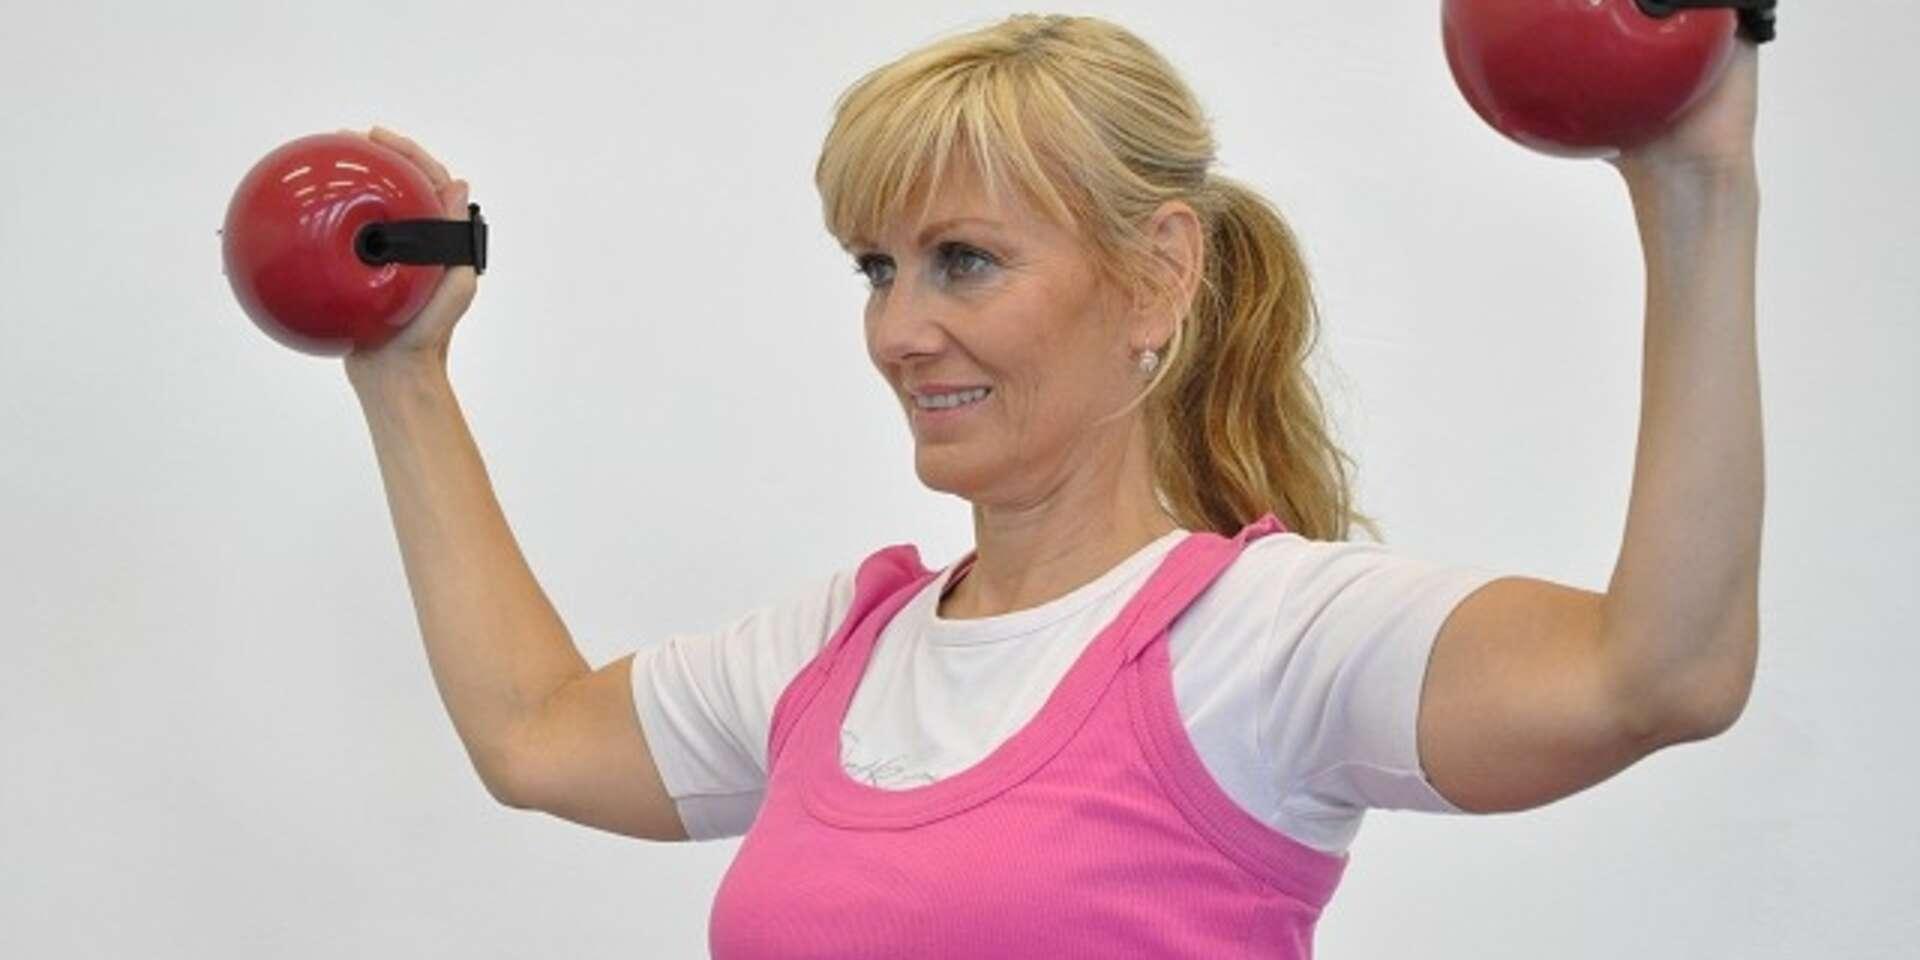 Fitness pomôcky pre domácu pohodu, počas home office alebo na cvi